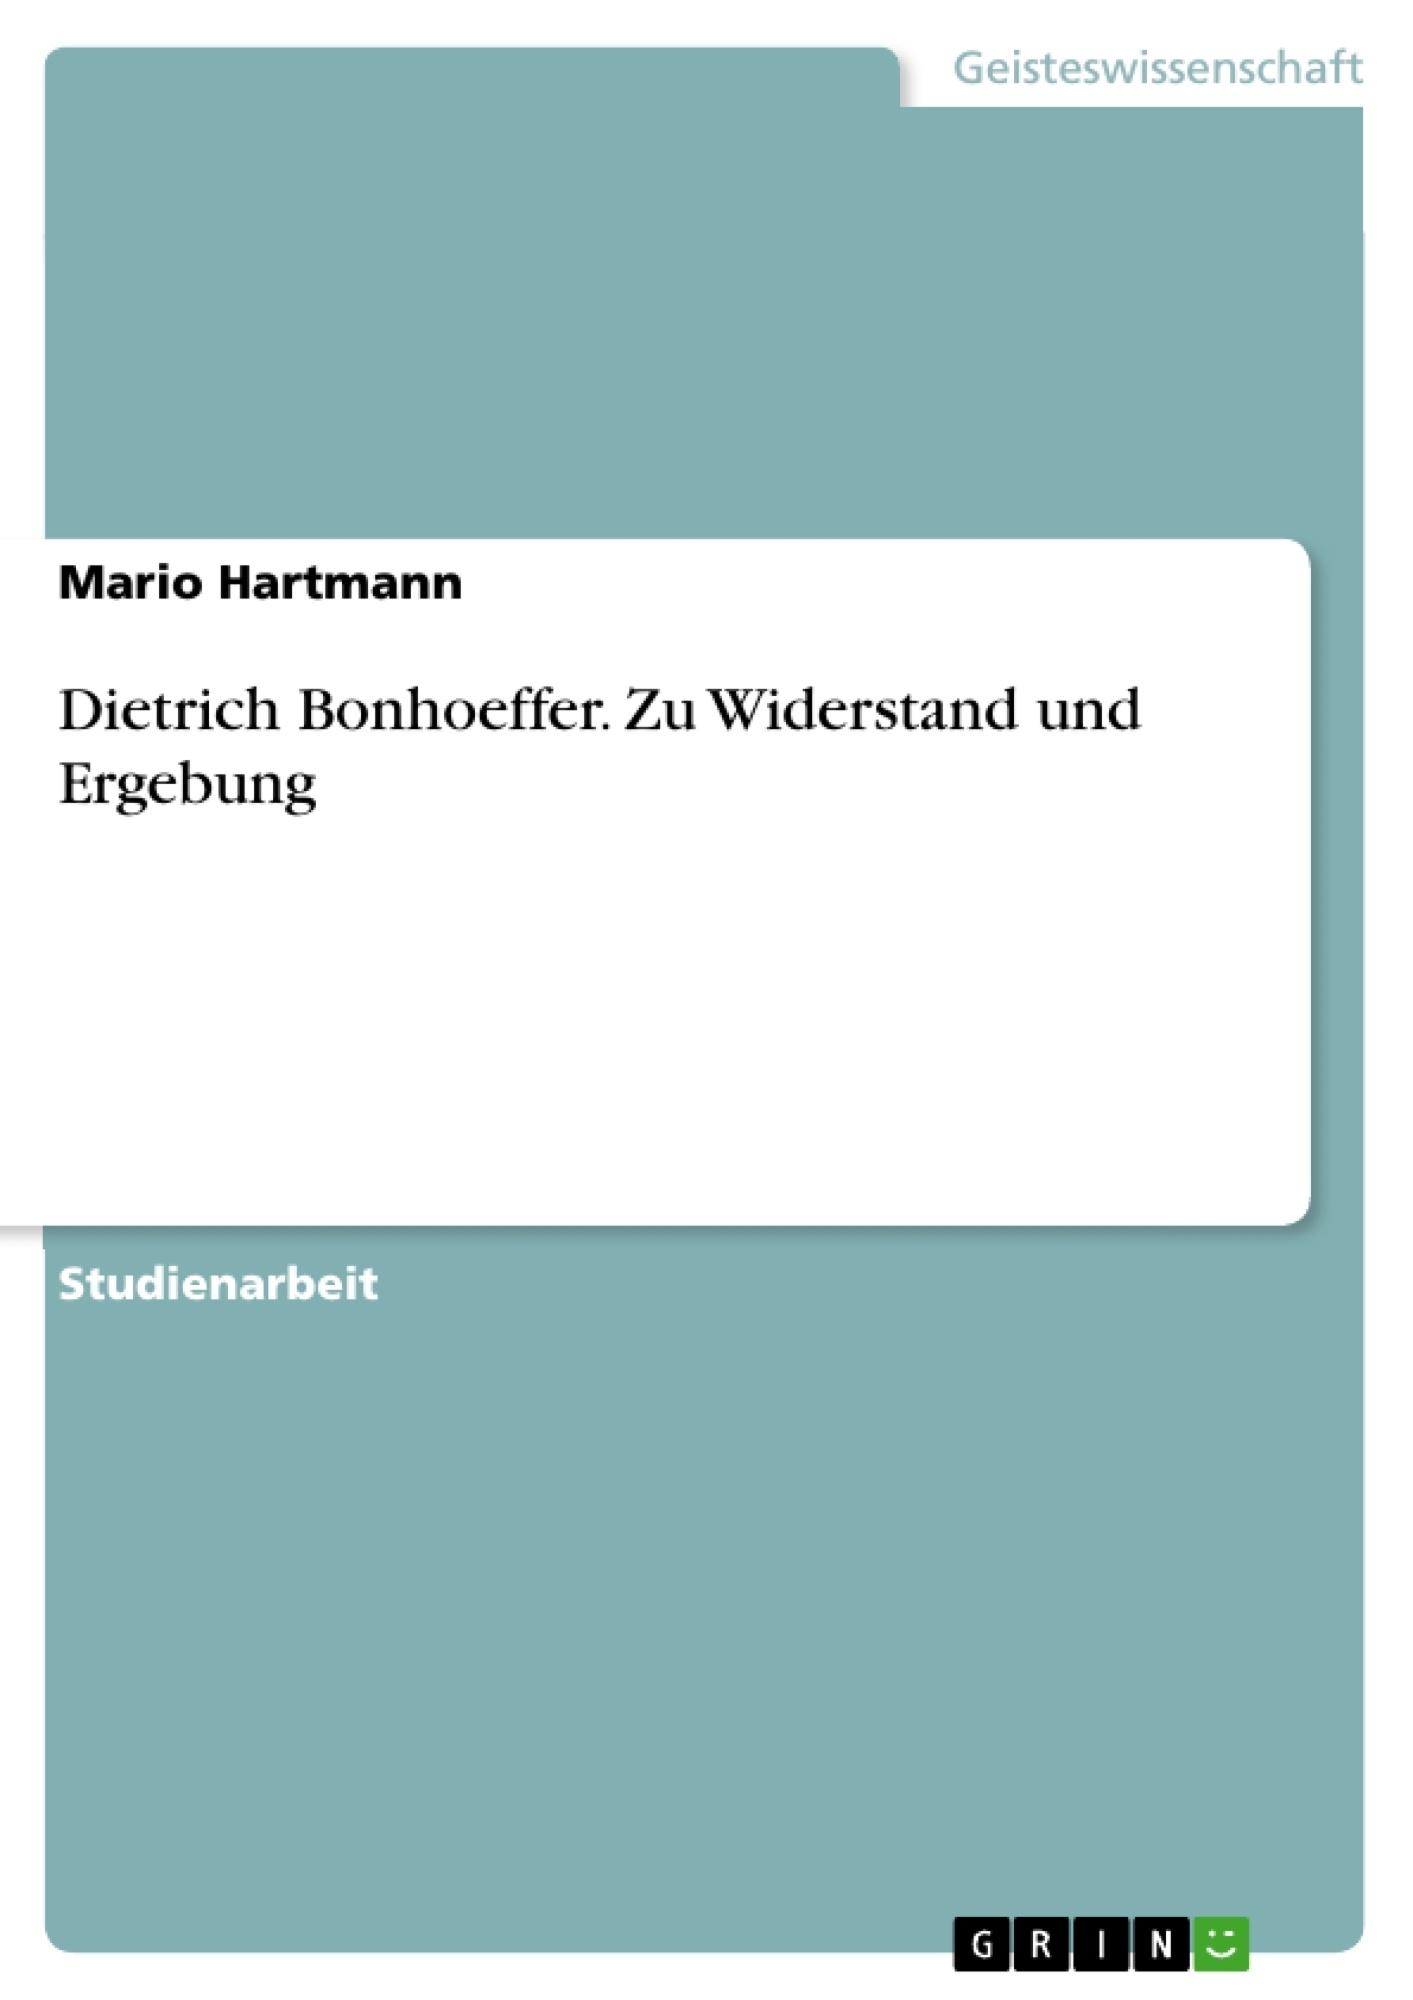 Titel: Dietrich Bonhoeffer. Zu Widerstand und Ergebung